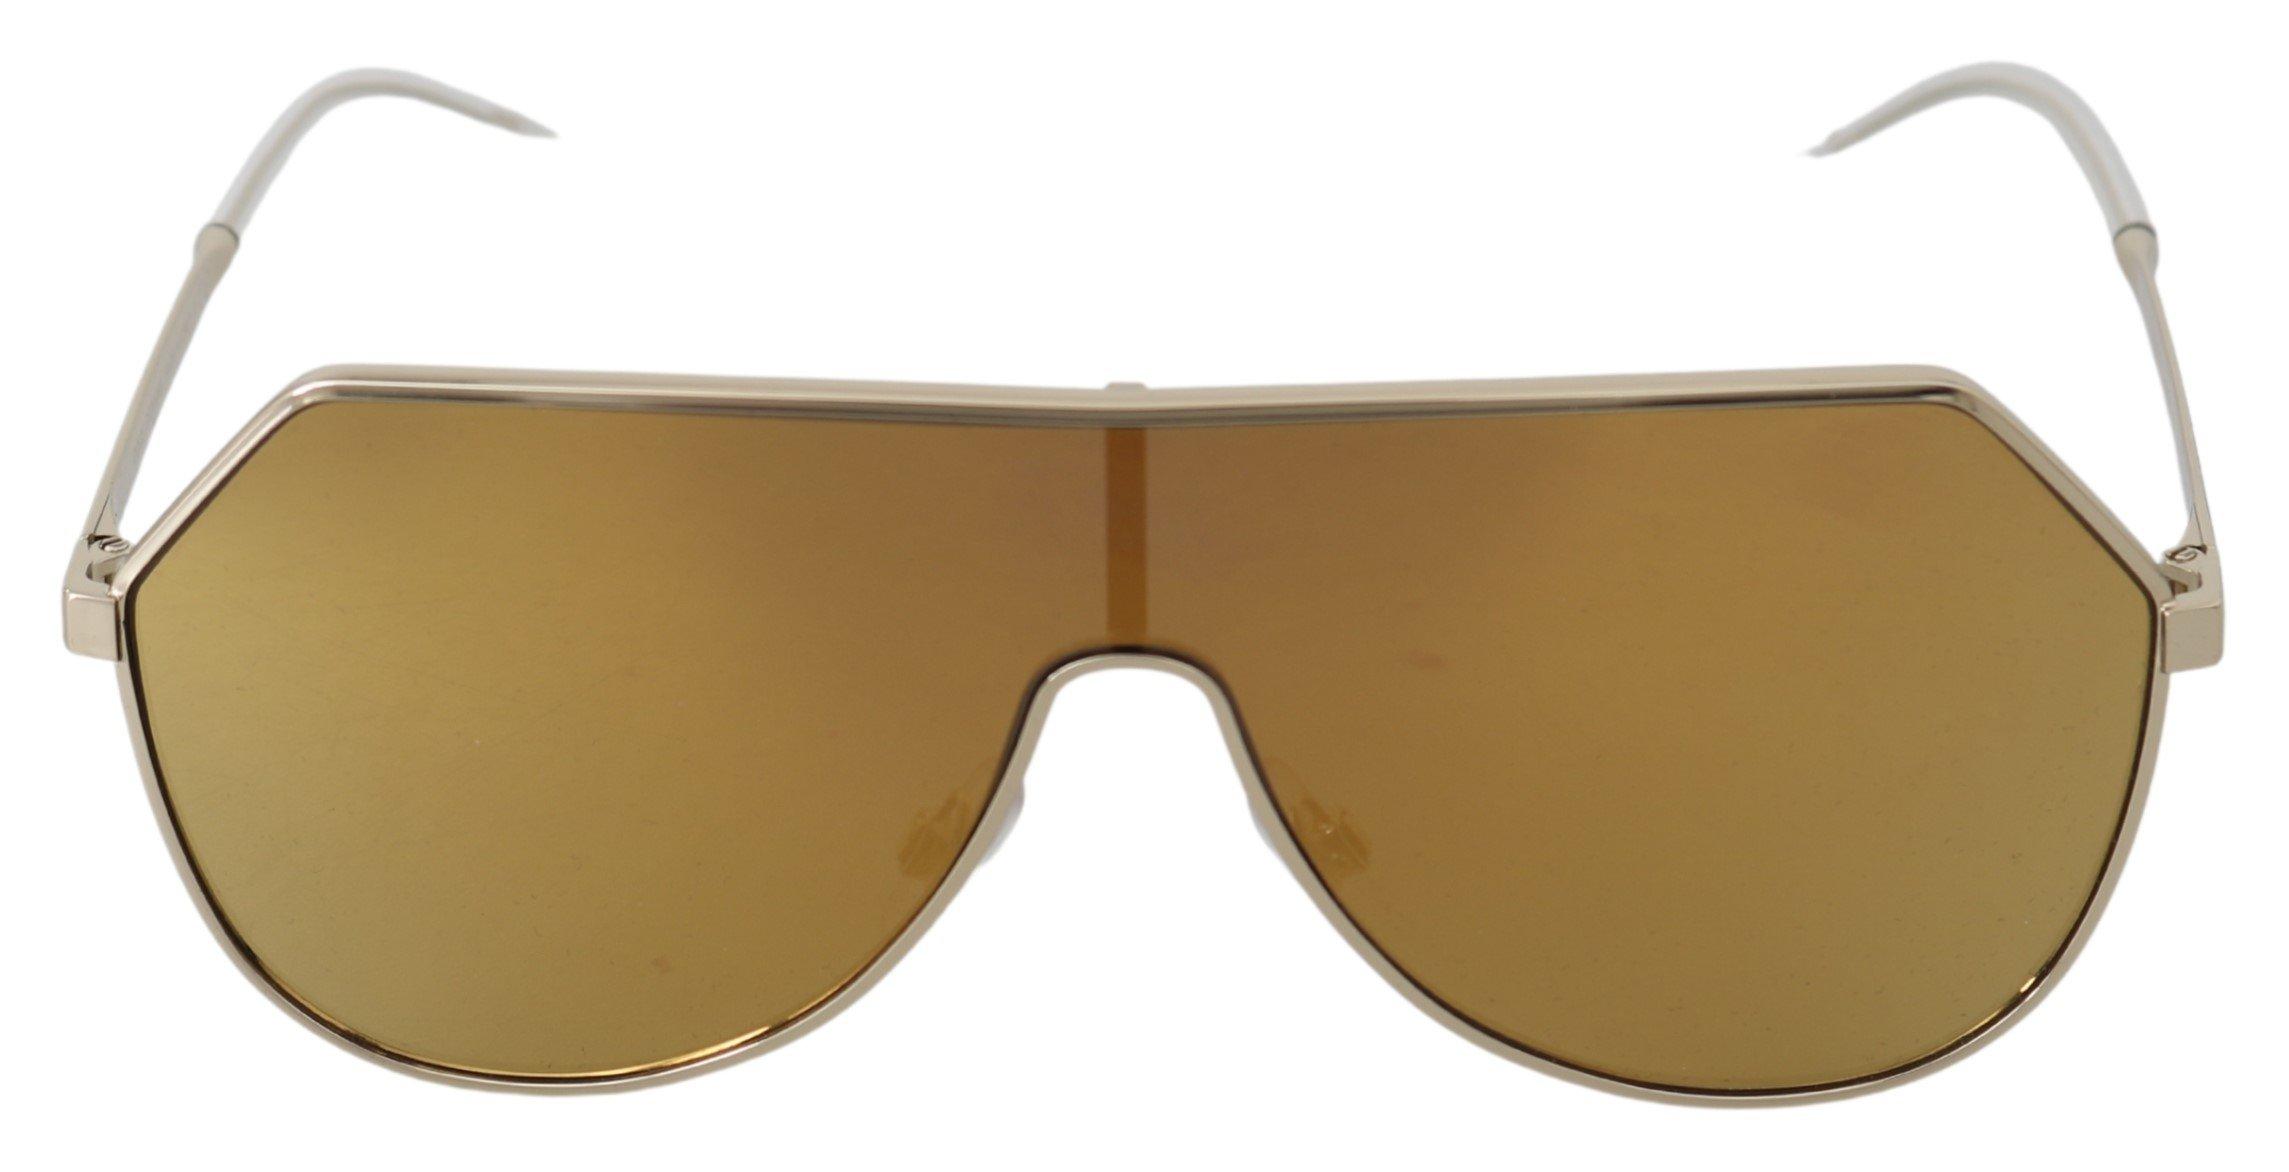 Dolce & Gabbana Women's Logo Shield Sunglasses Gold GLA769